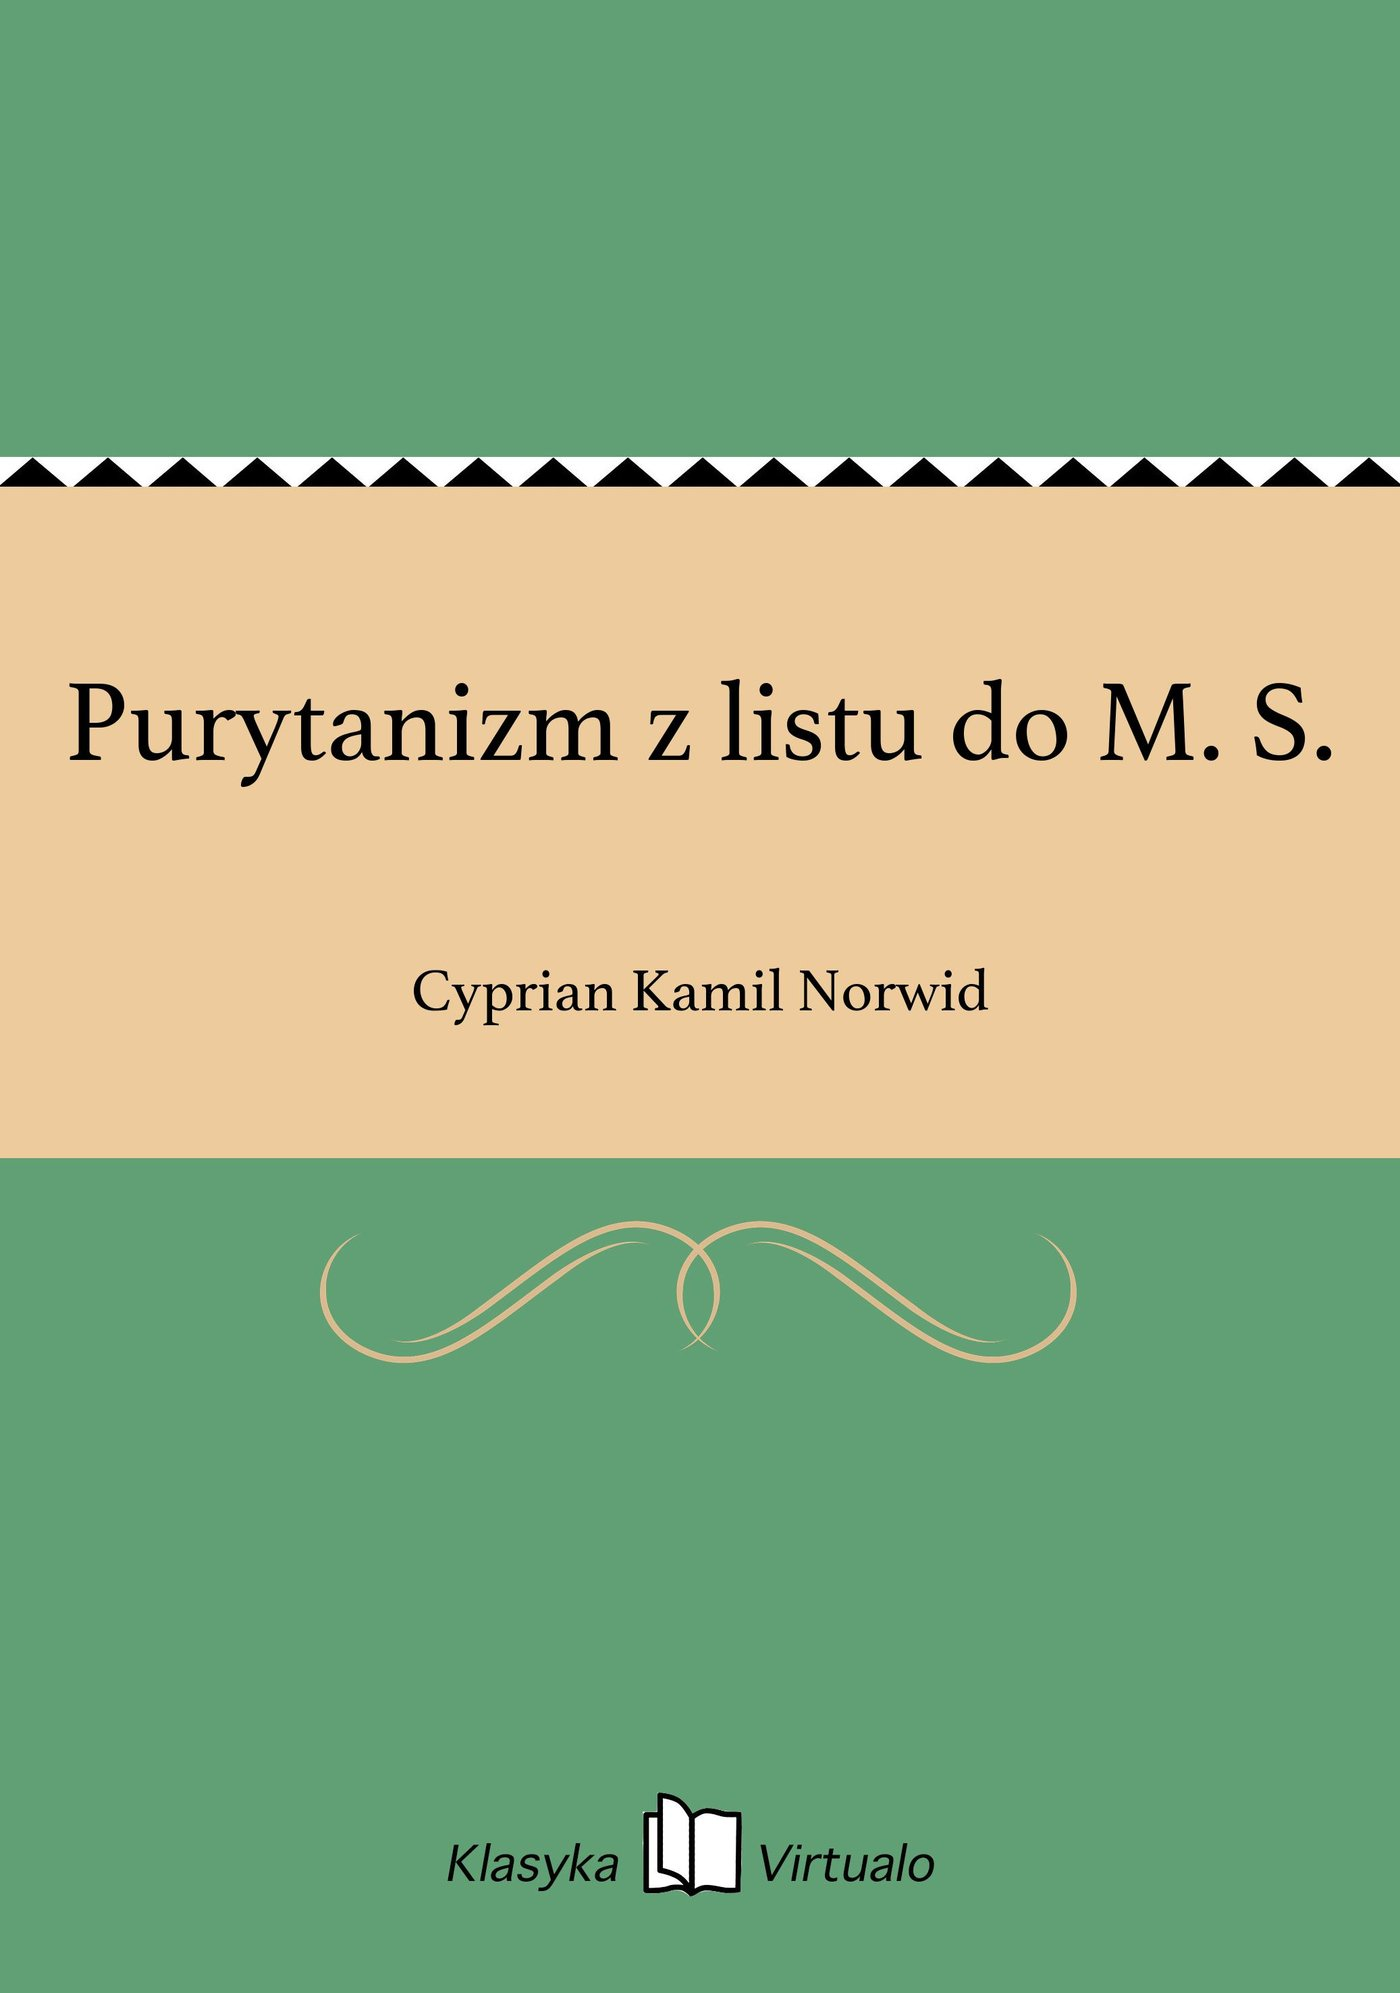 Purytanizm z listu do M. S. - Ebook (Książka na Kindle) do pobrania w formacie MOBI